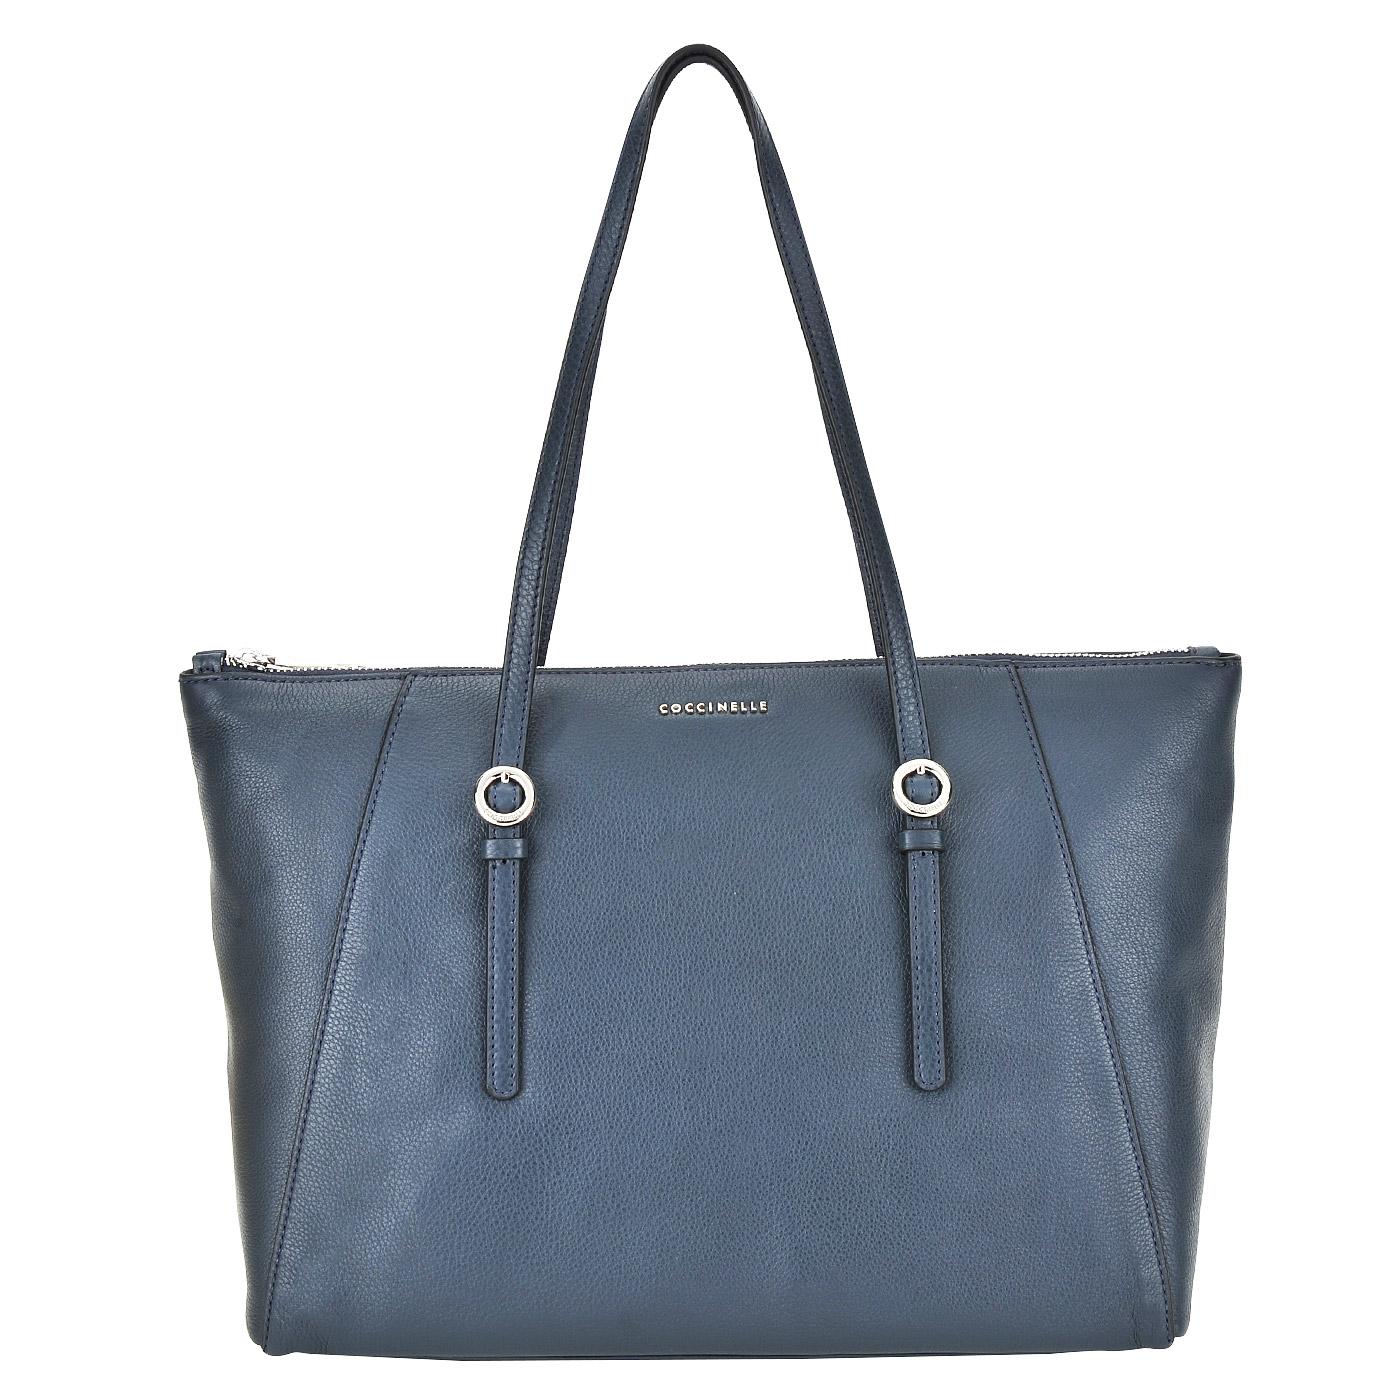 СумкаКлассические сумки<br>Закрывается на молнию. Внутри одно отделение, в котором карман на молнии и два кармашка для мелочей.<br><br>count_sale: 0<br>new: 1<br>sale: 0